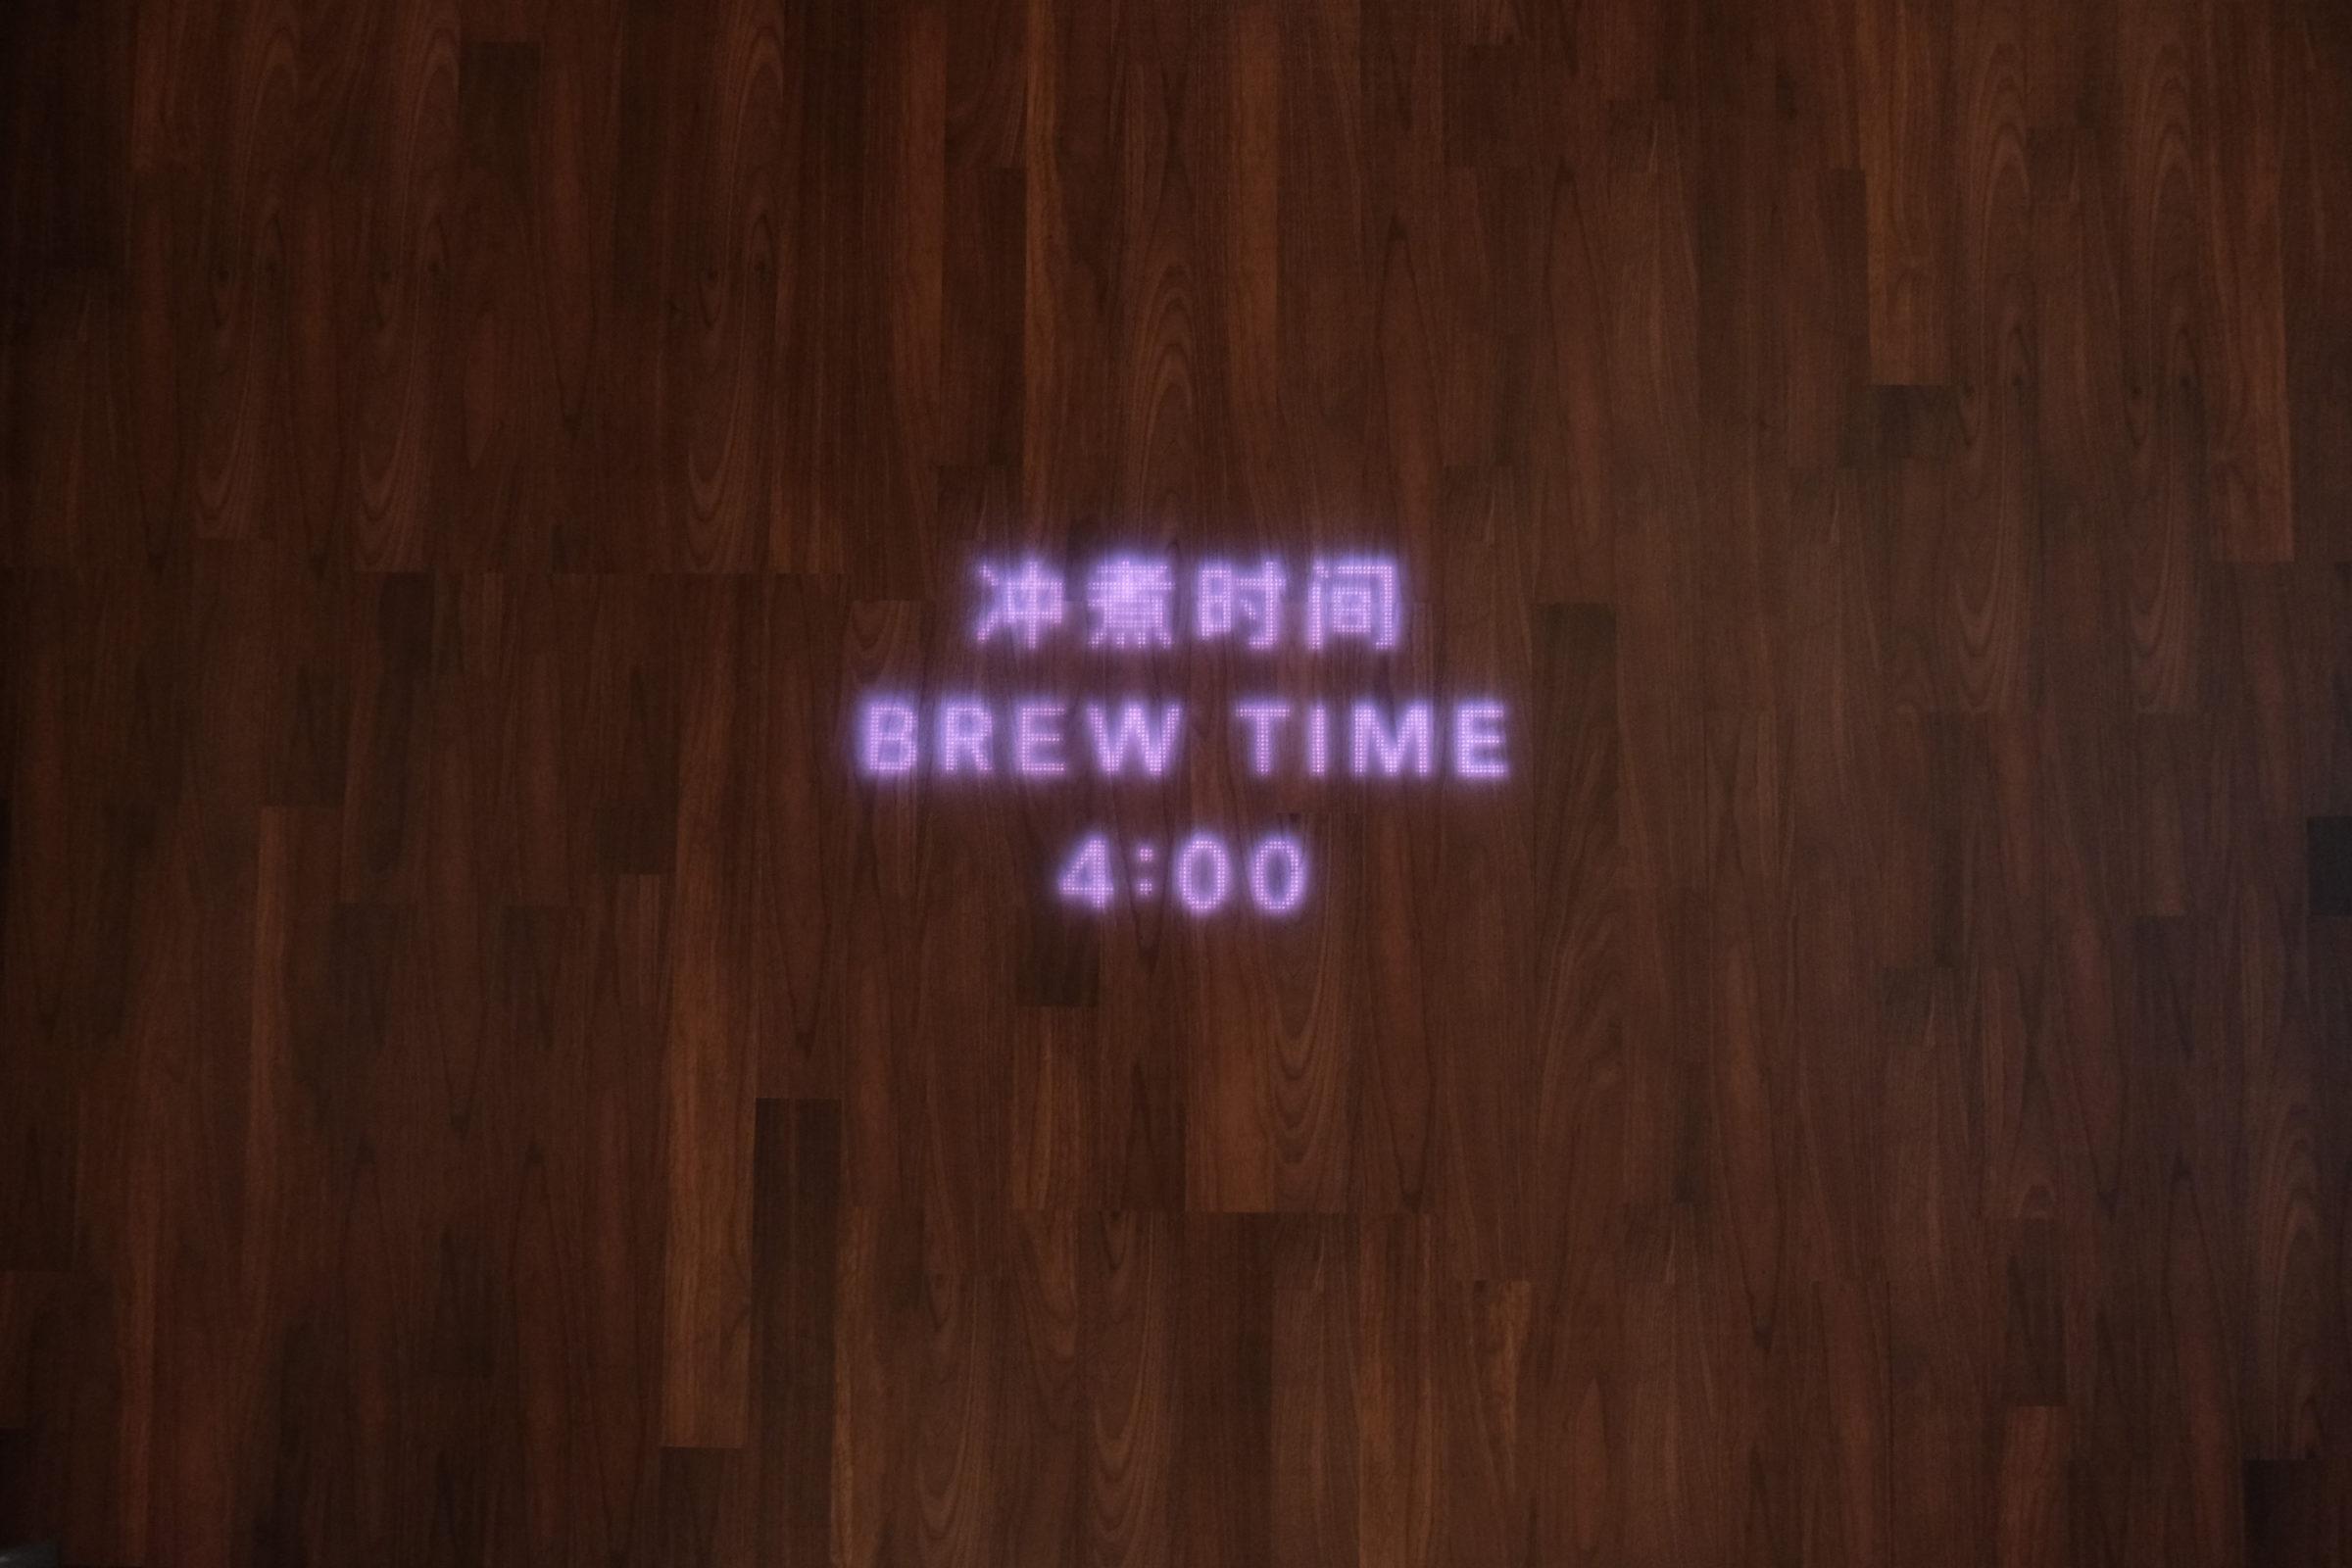 3c_sbux-shanghai-roastery-83-2400x1600.jpg